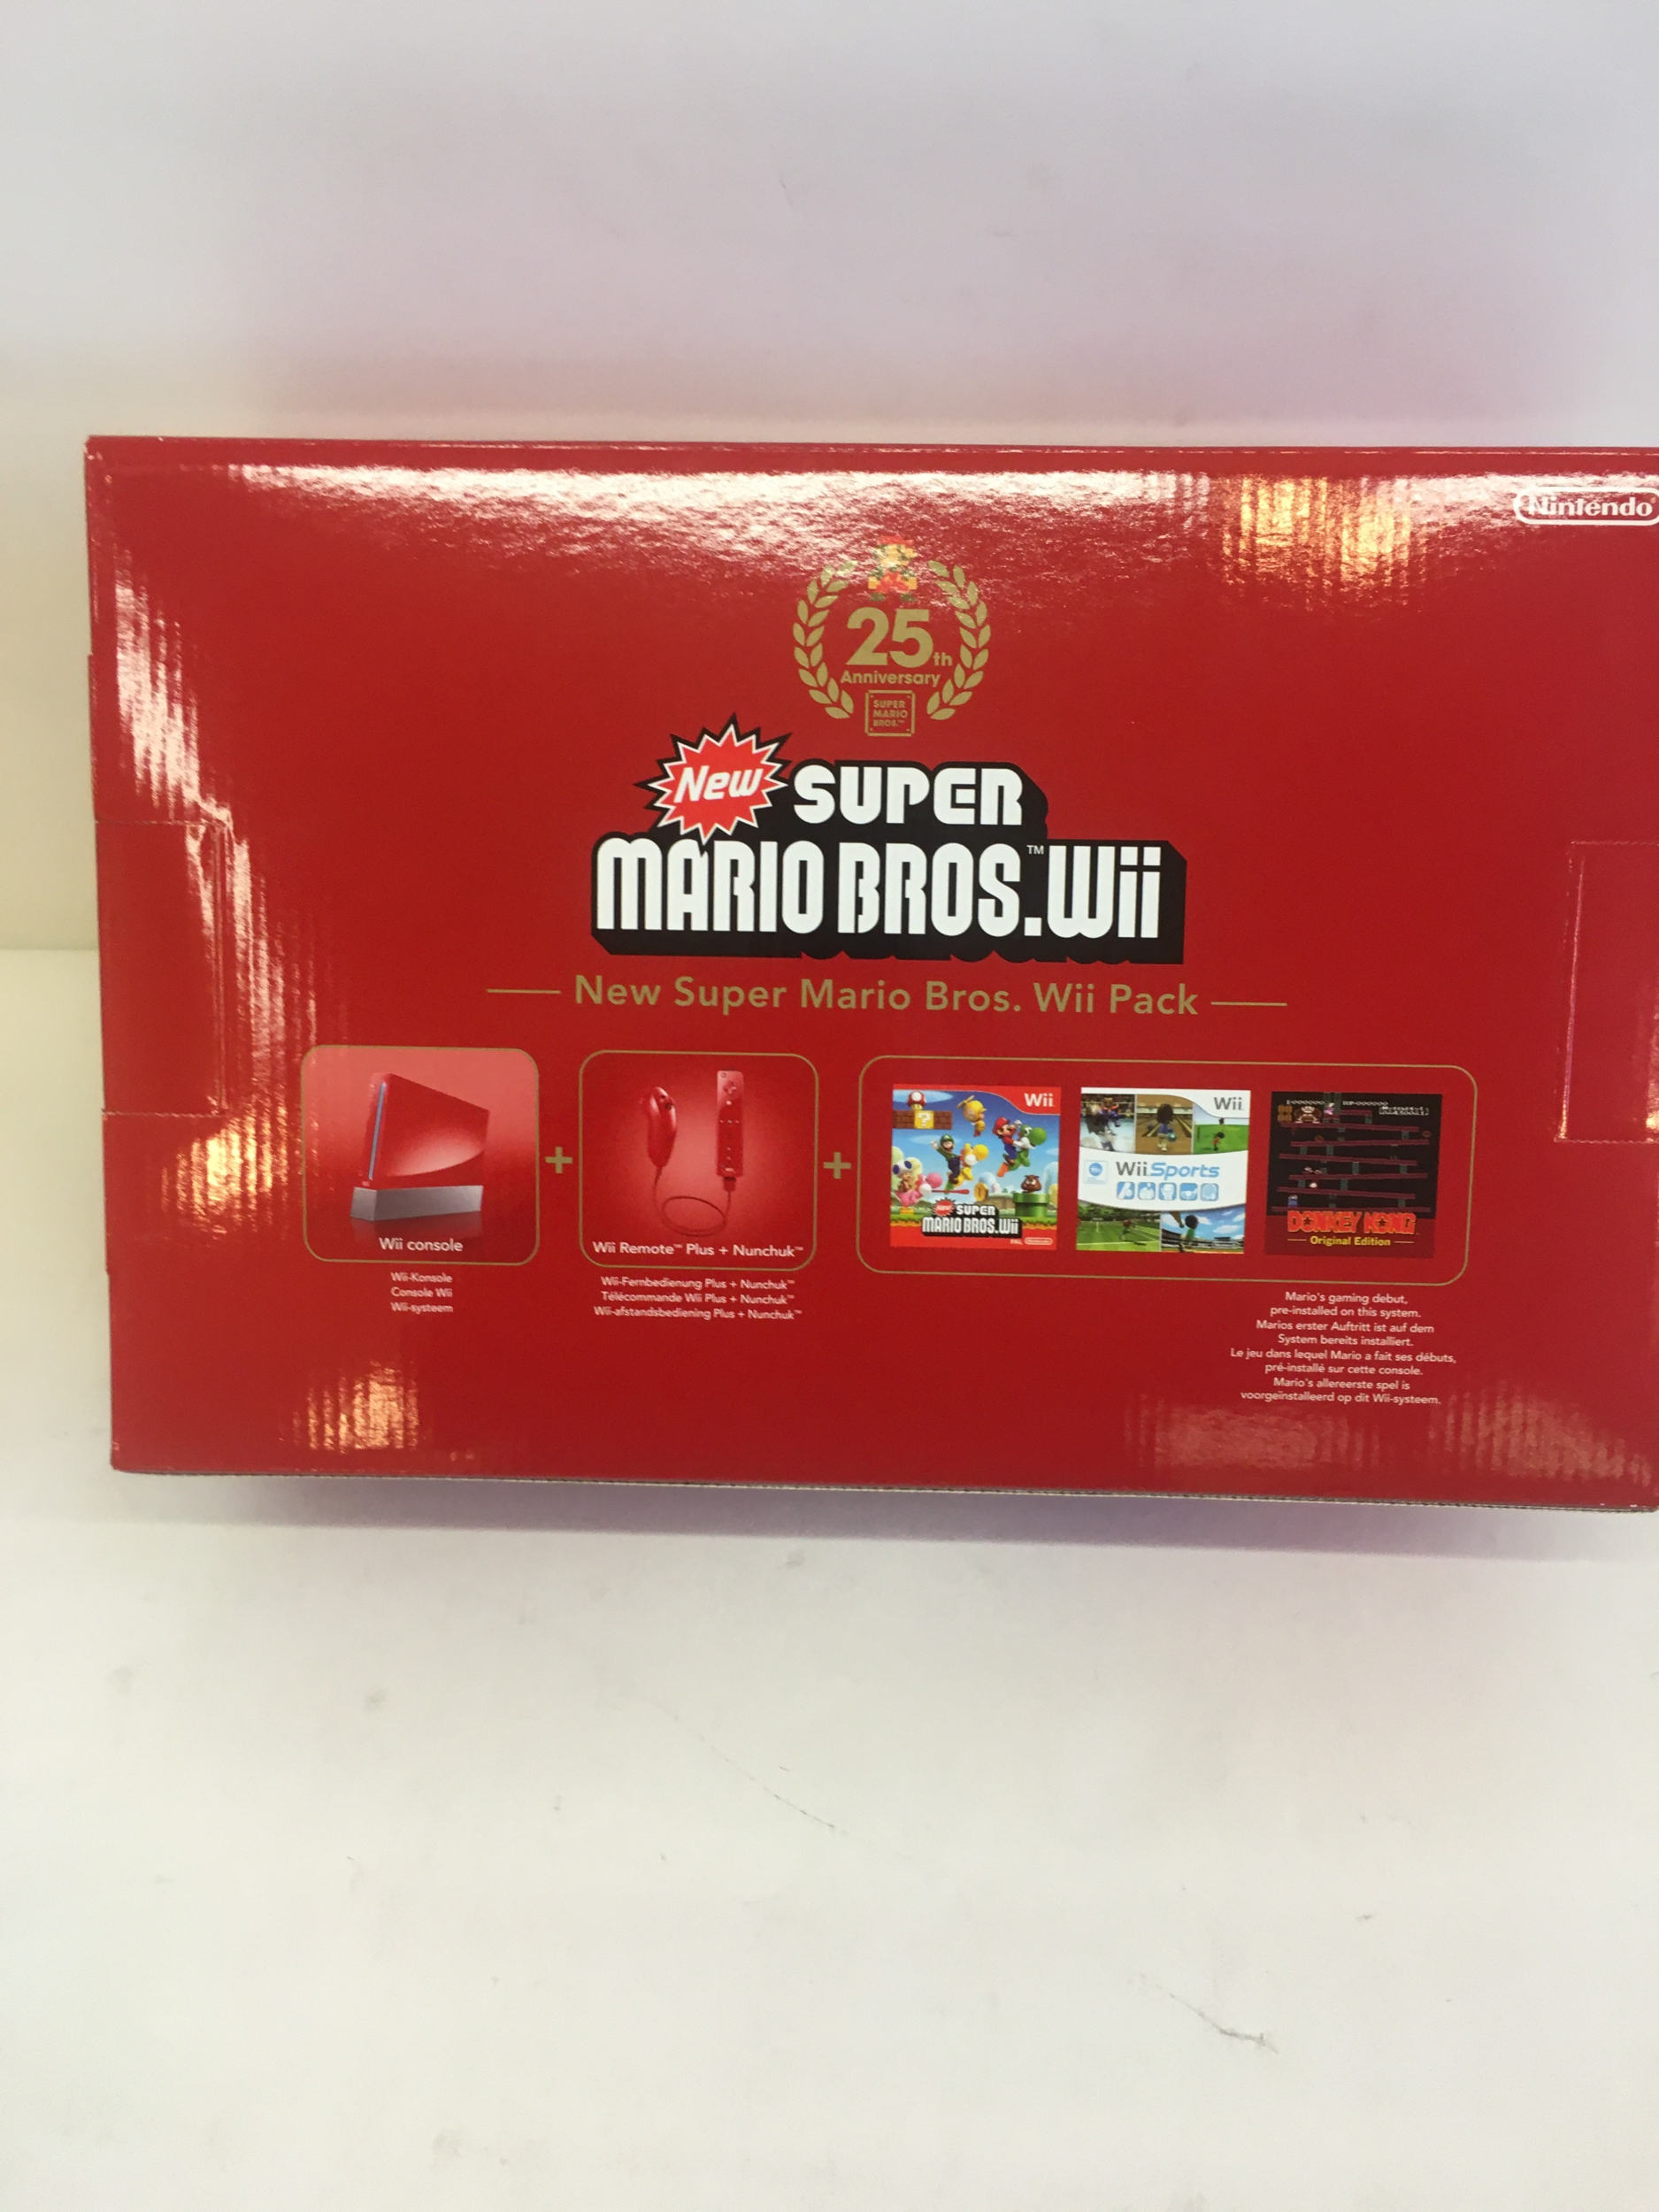 Console Nintendo Wii 25th anniversary Super Mario Limited Neuve